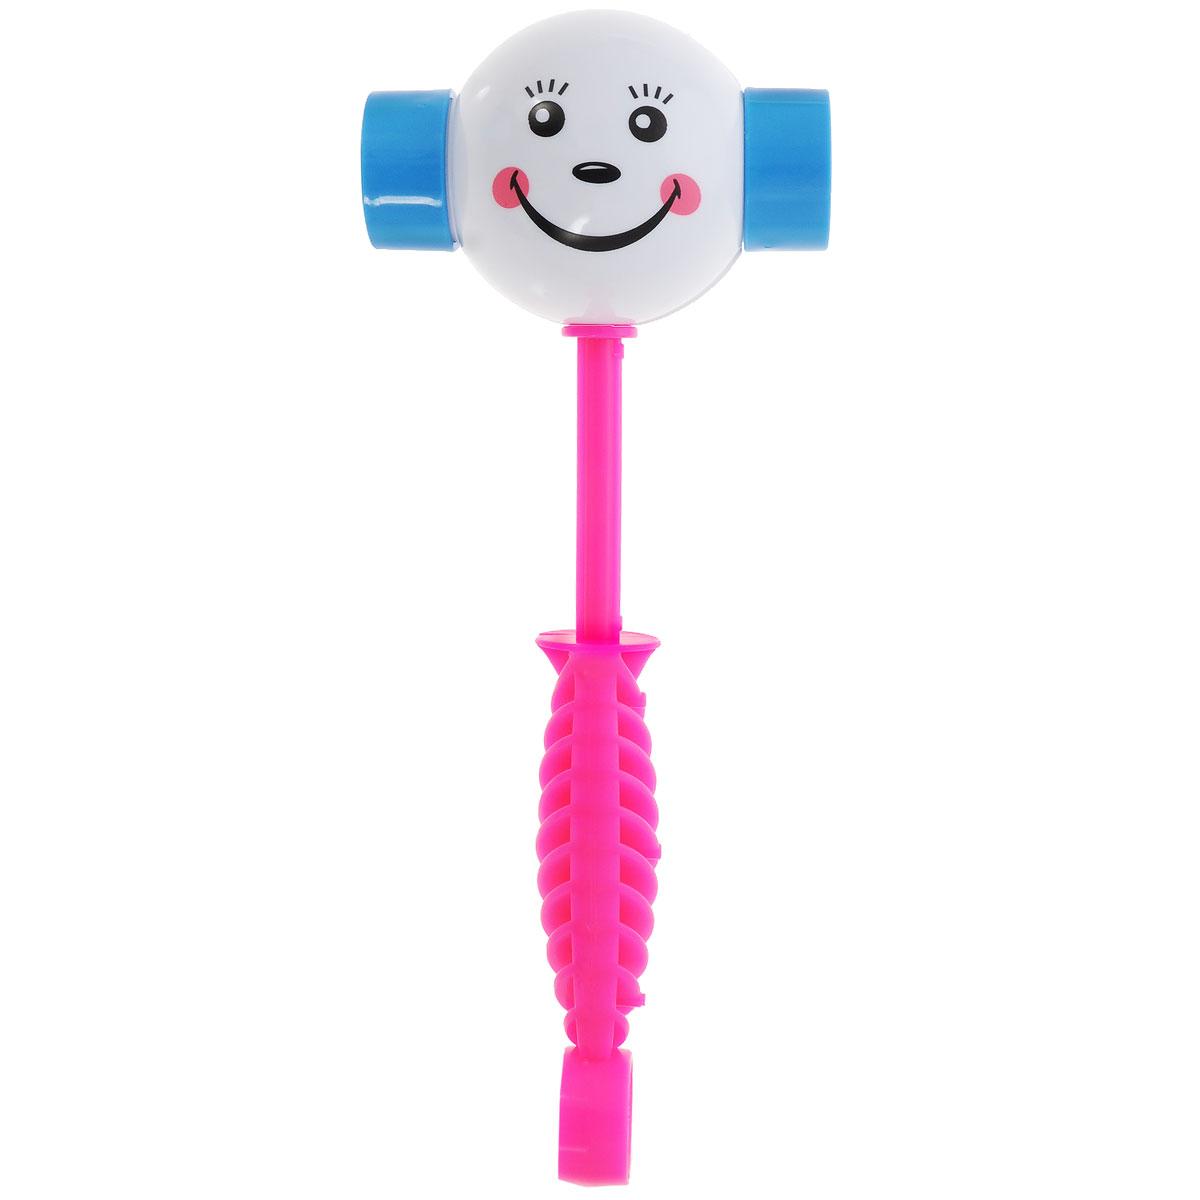 Развивающая игрушка Stellar Веселый молоточек, цвет: розовый, белый01362